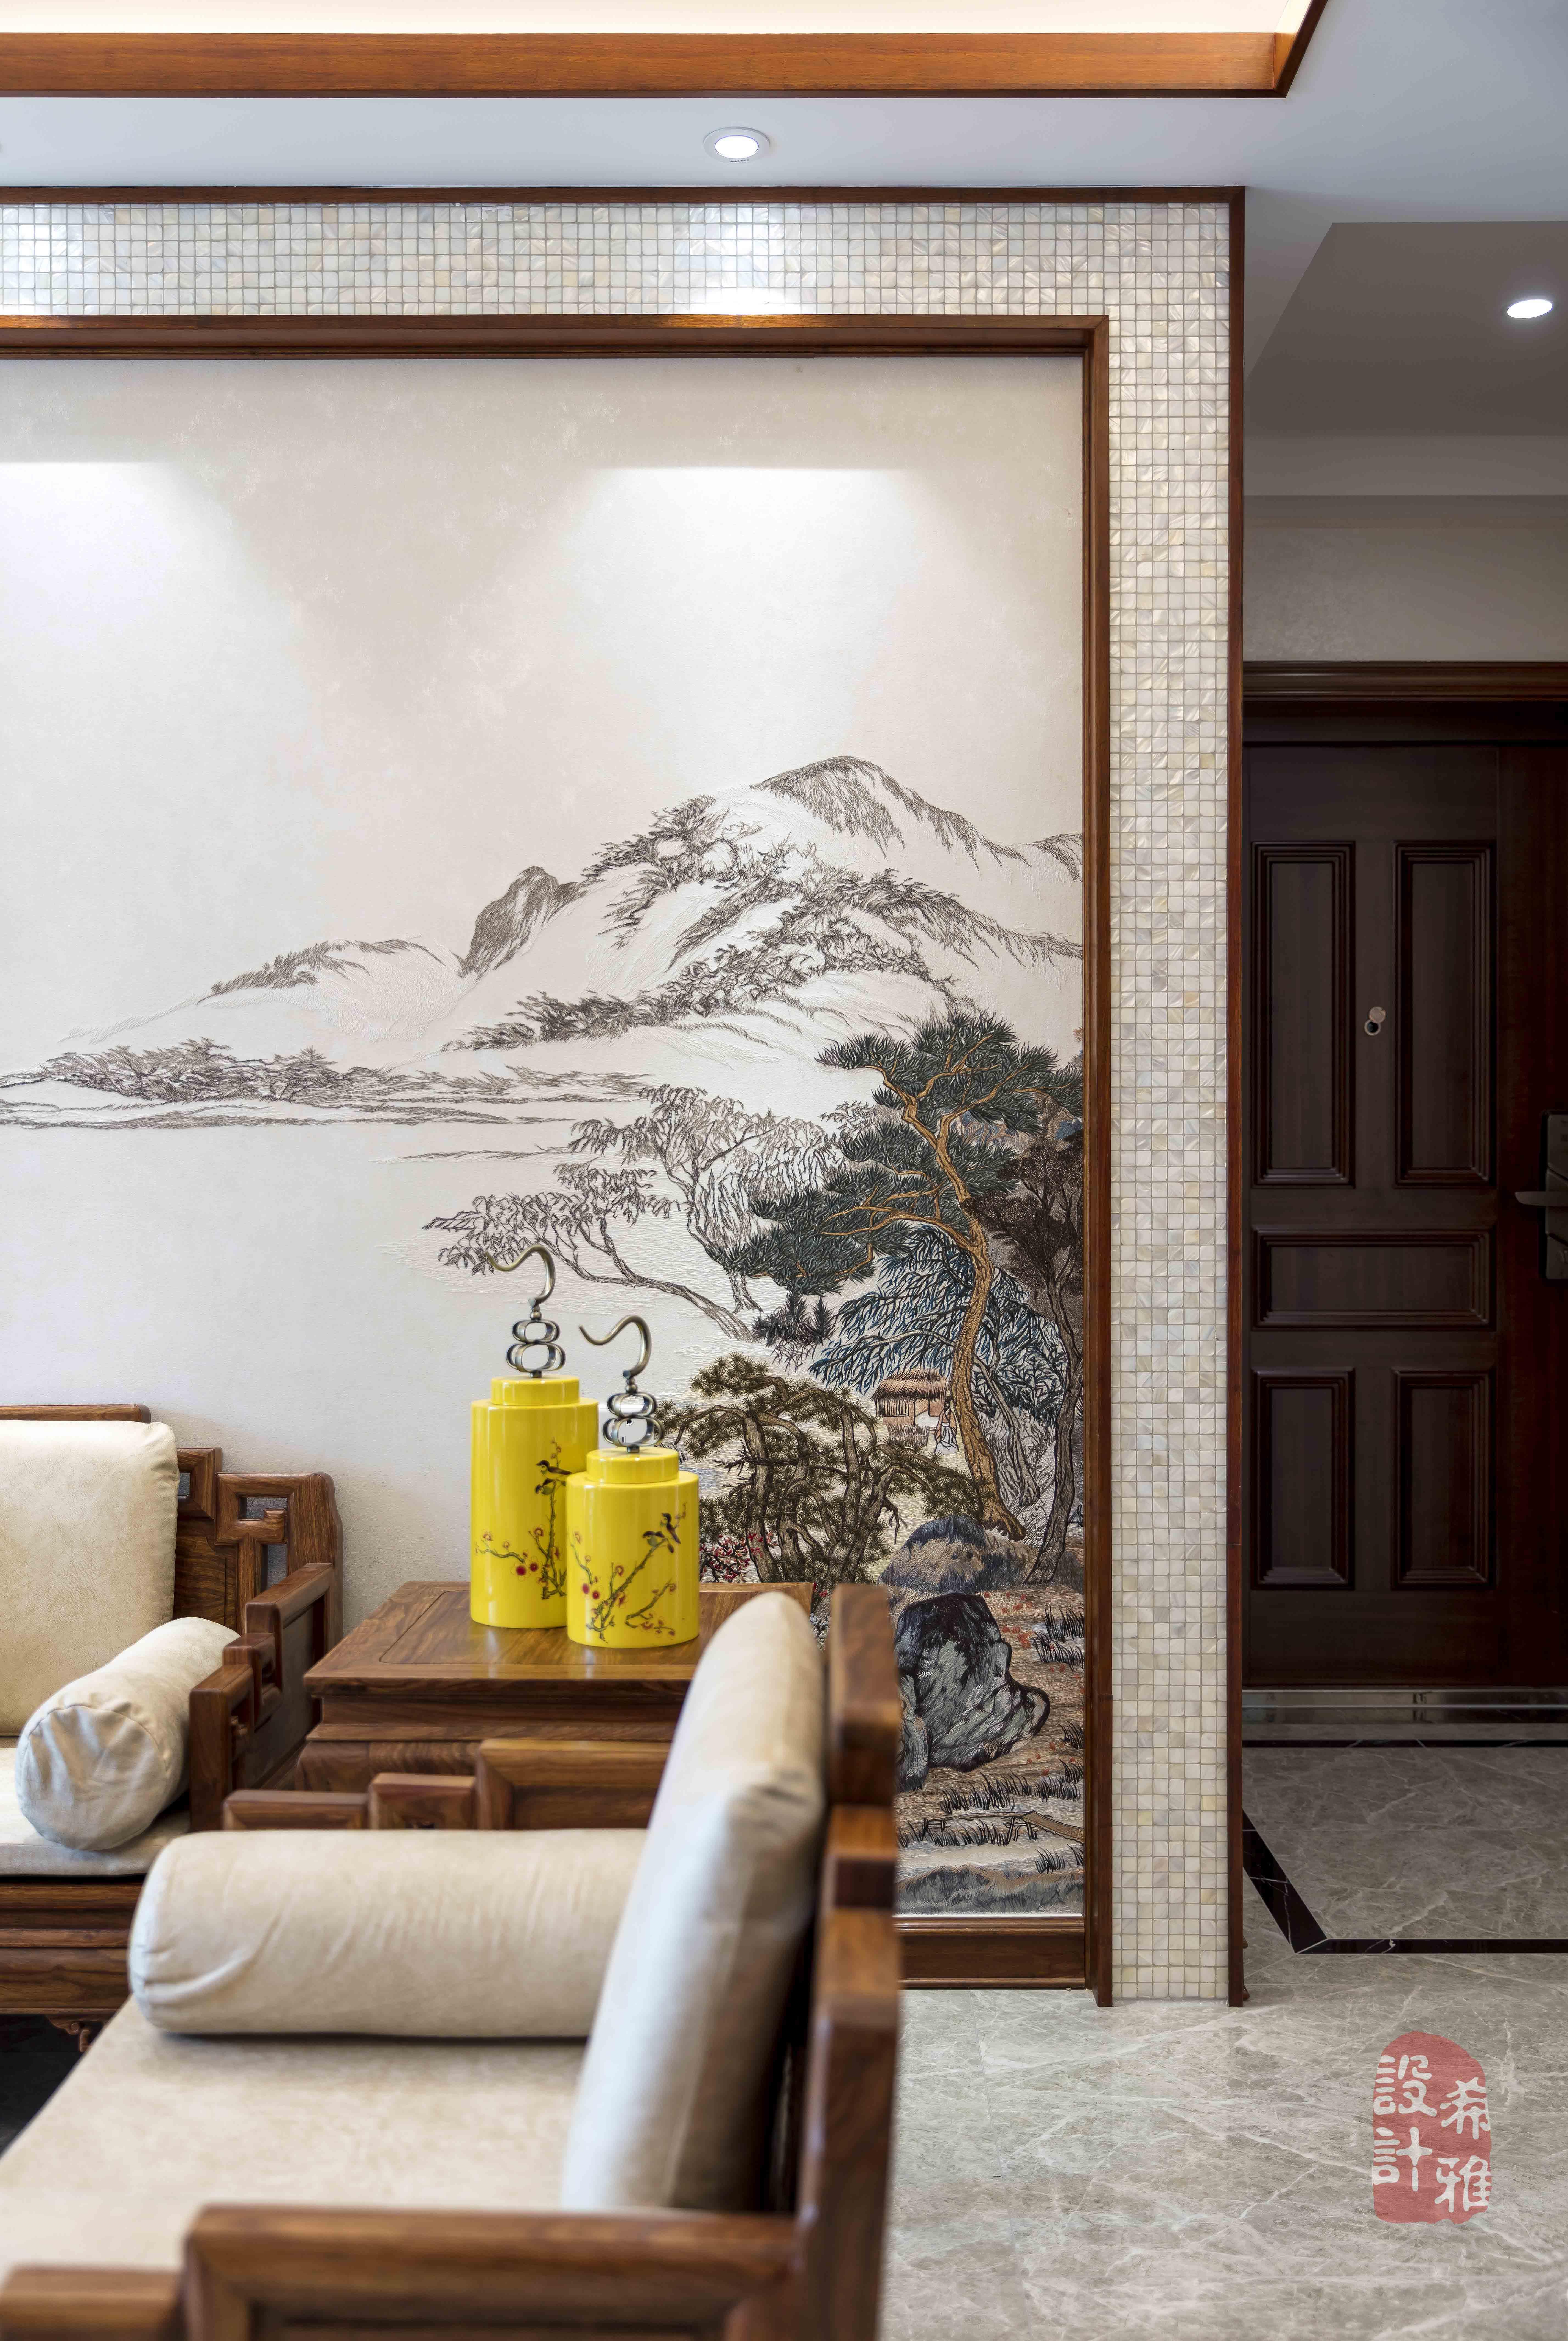 140㎡中式风格沙发墙装修效果图